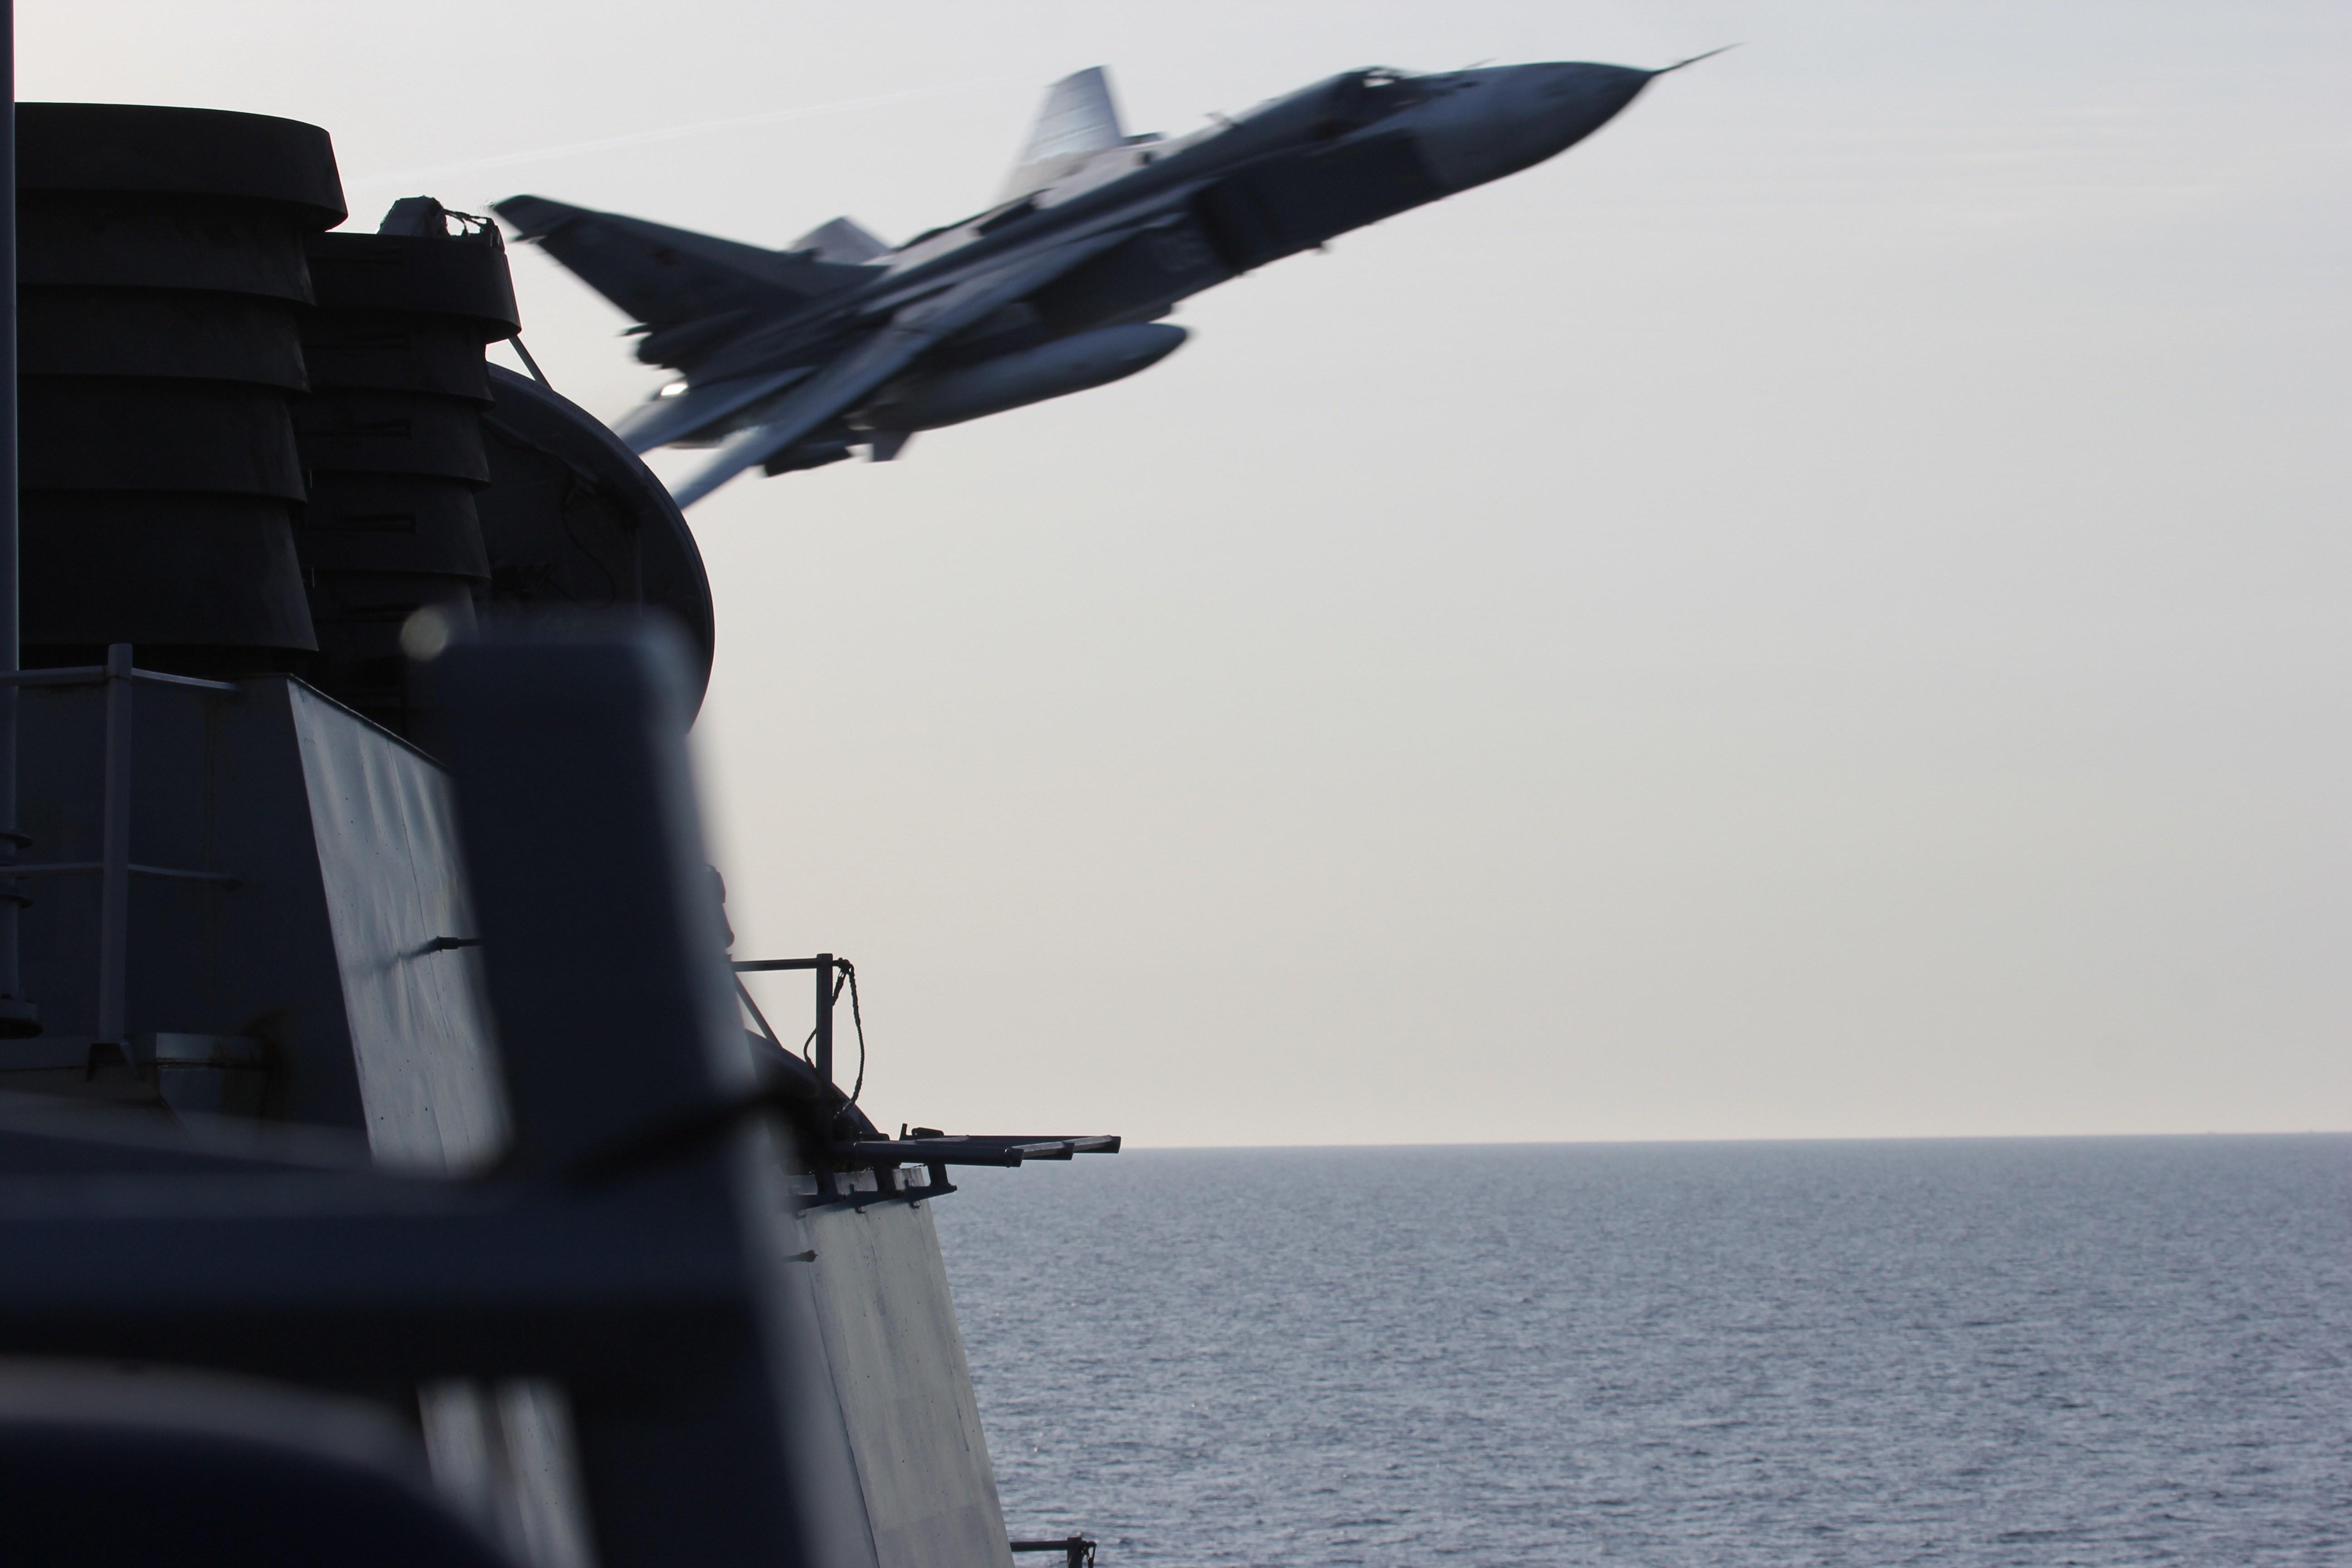 Российские морские Су-24М снова облетают американский эсминец Donald Cook